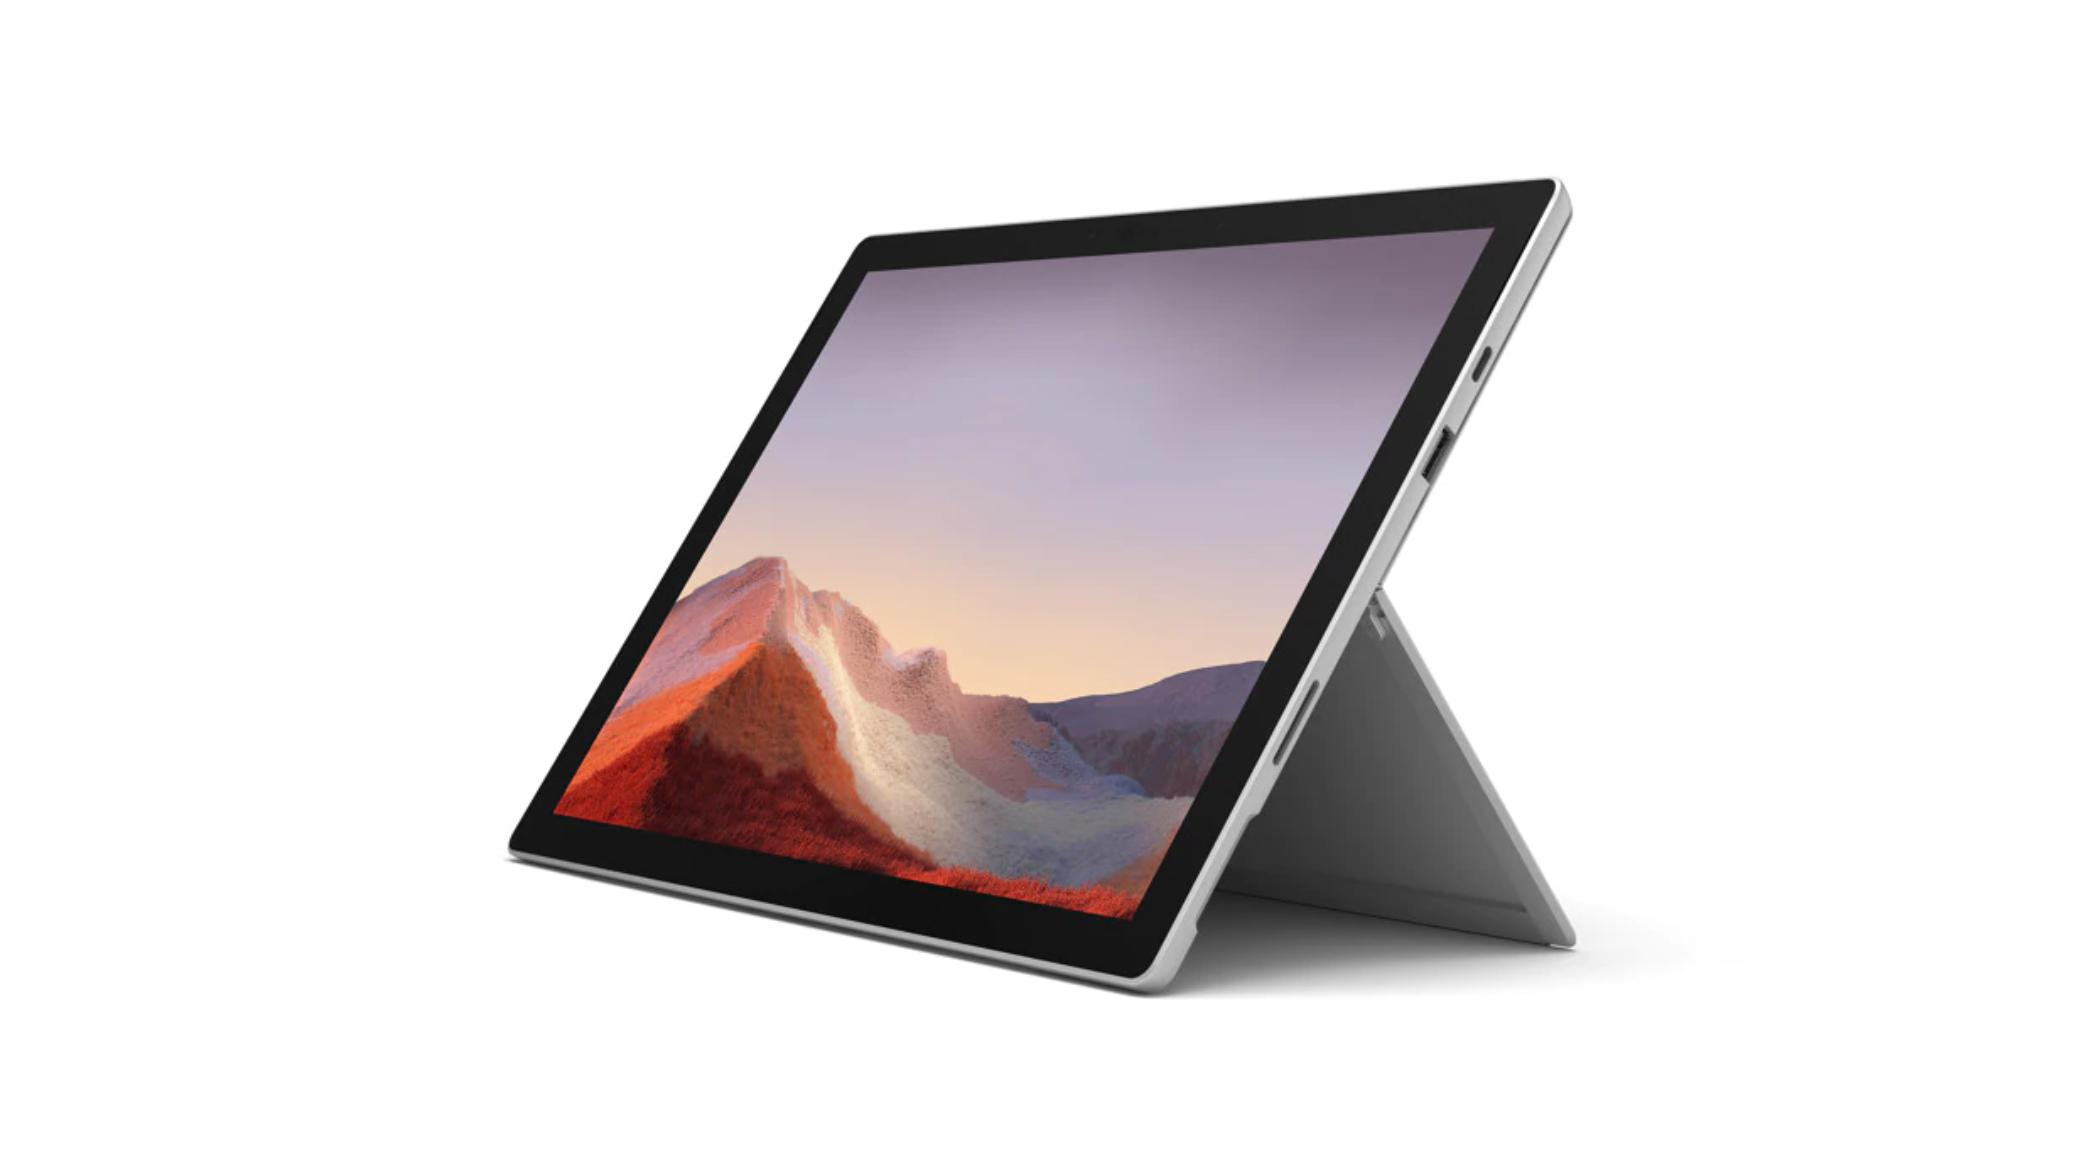 2021年最佳平板电脑大推荐:颜值和性能的巧妙结合,您喜欢谁?